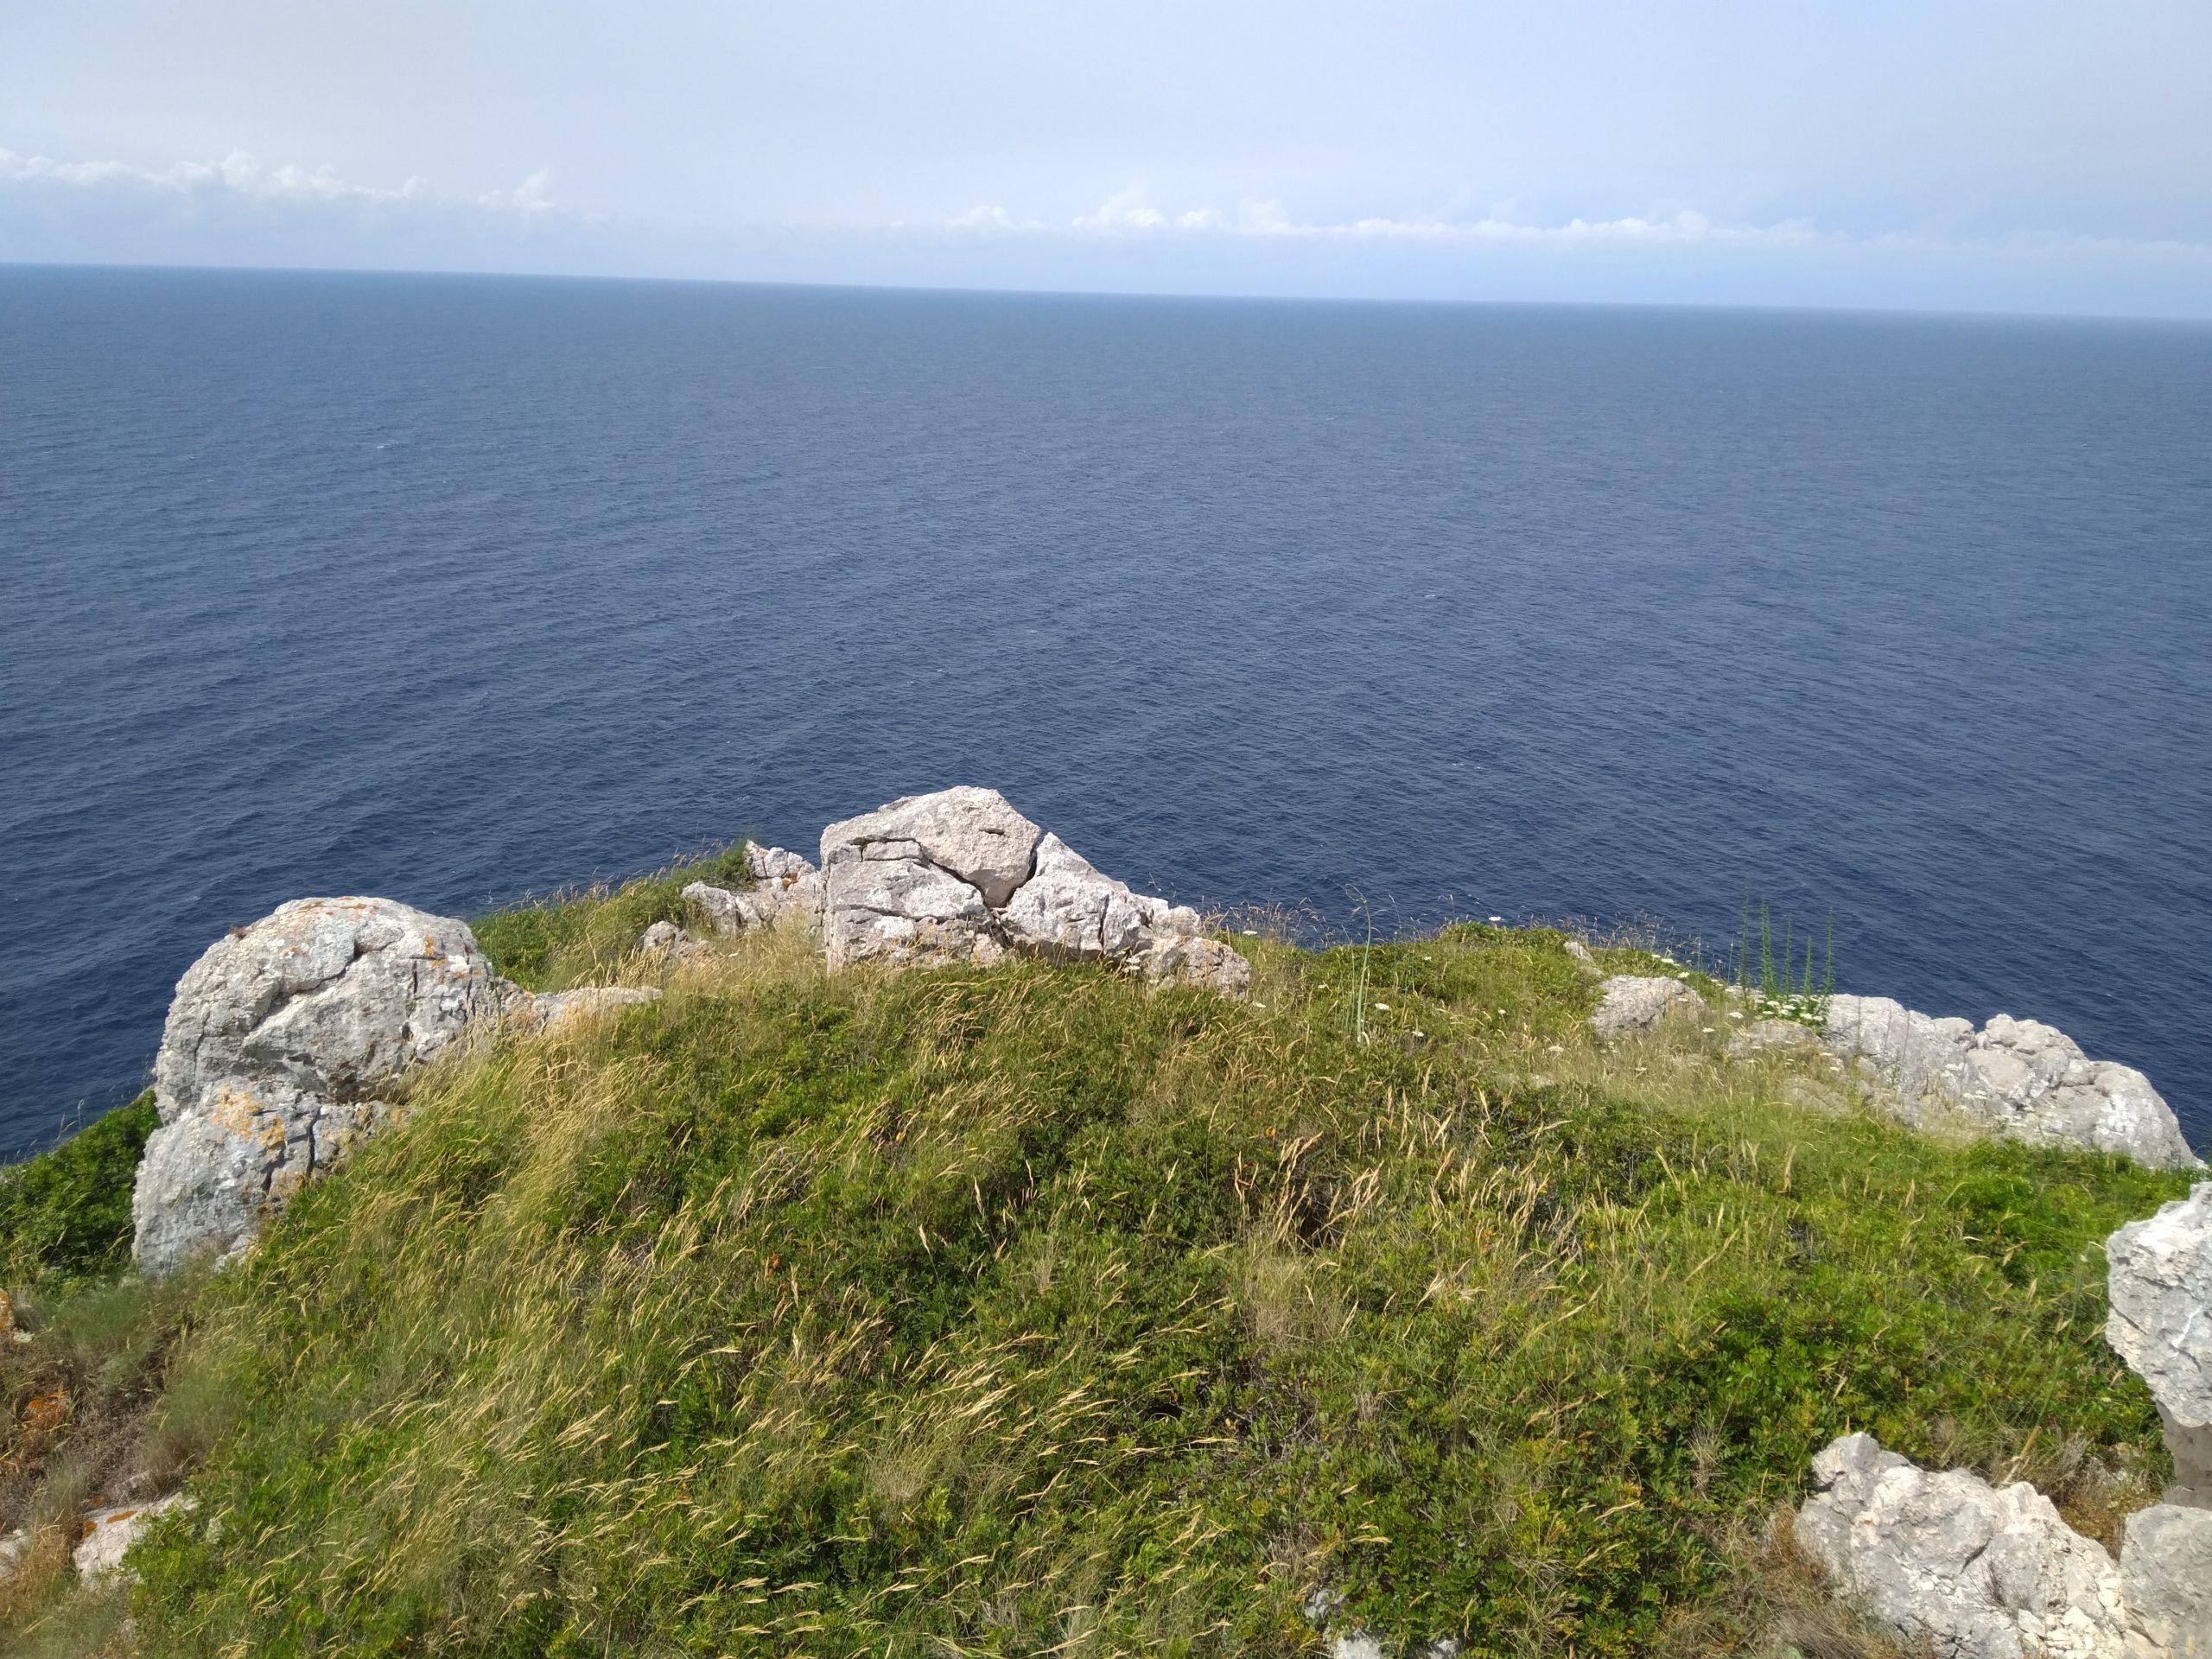 Pogled s otoka Klobučar na jug